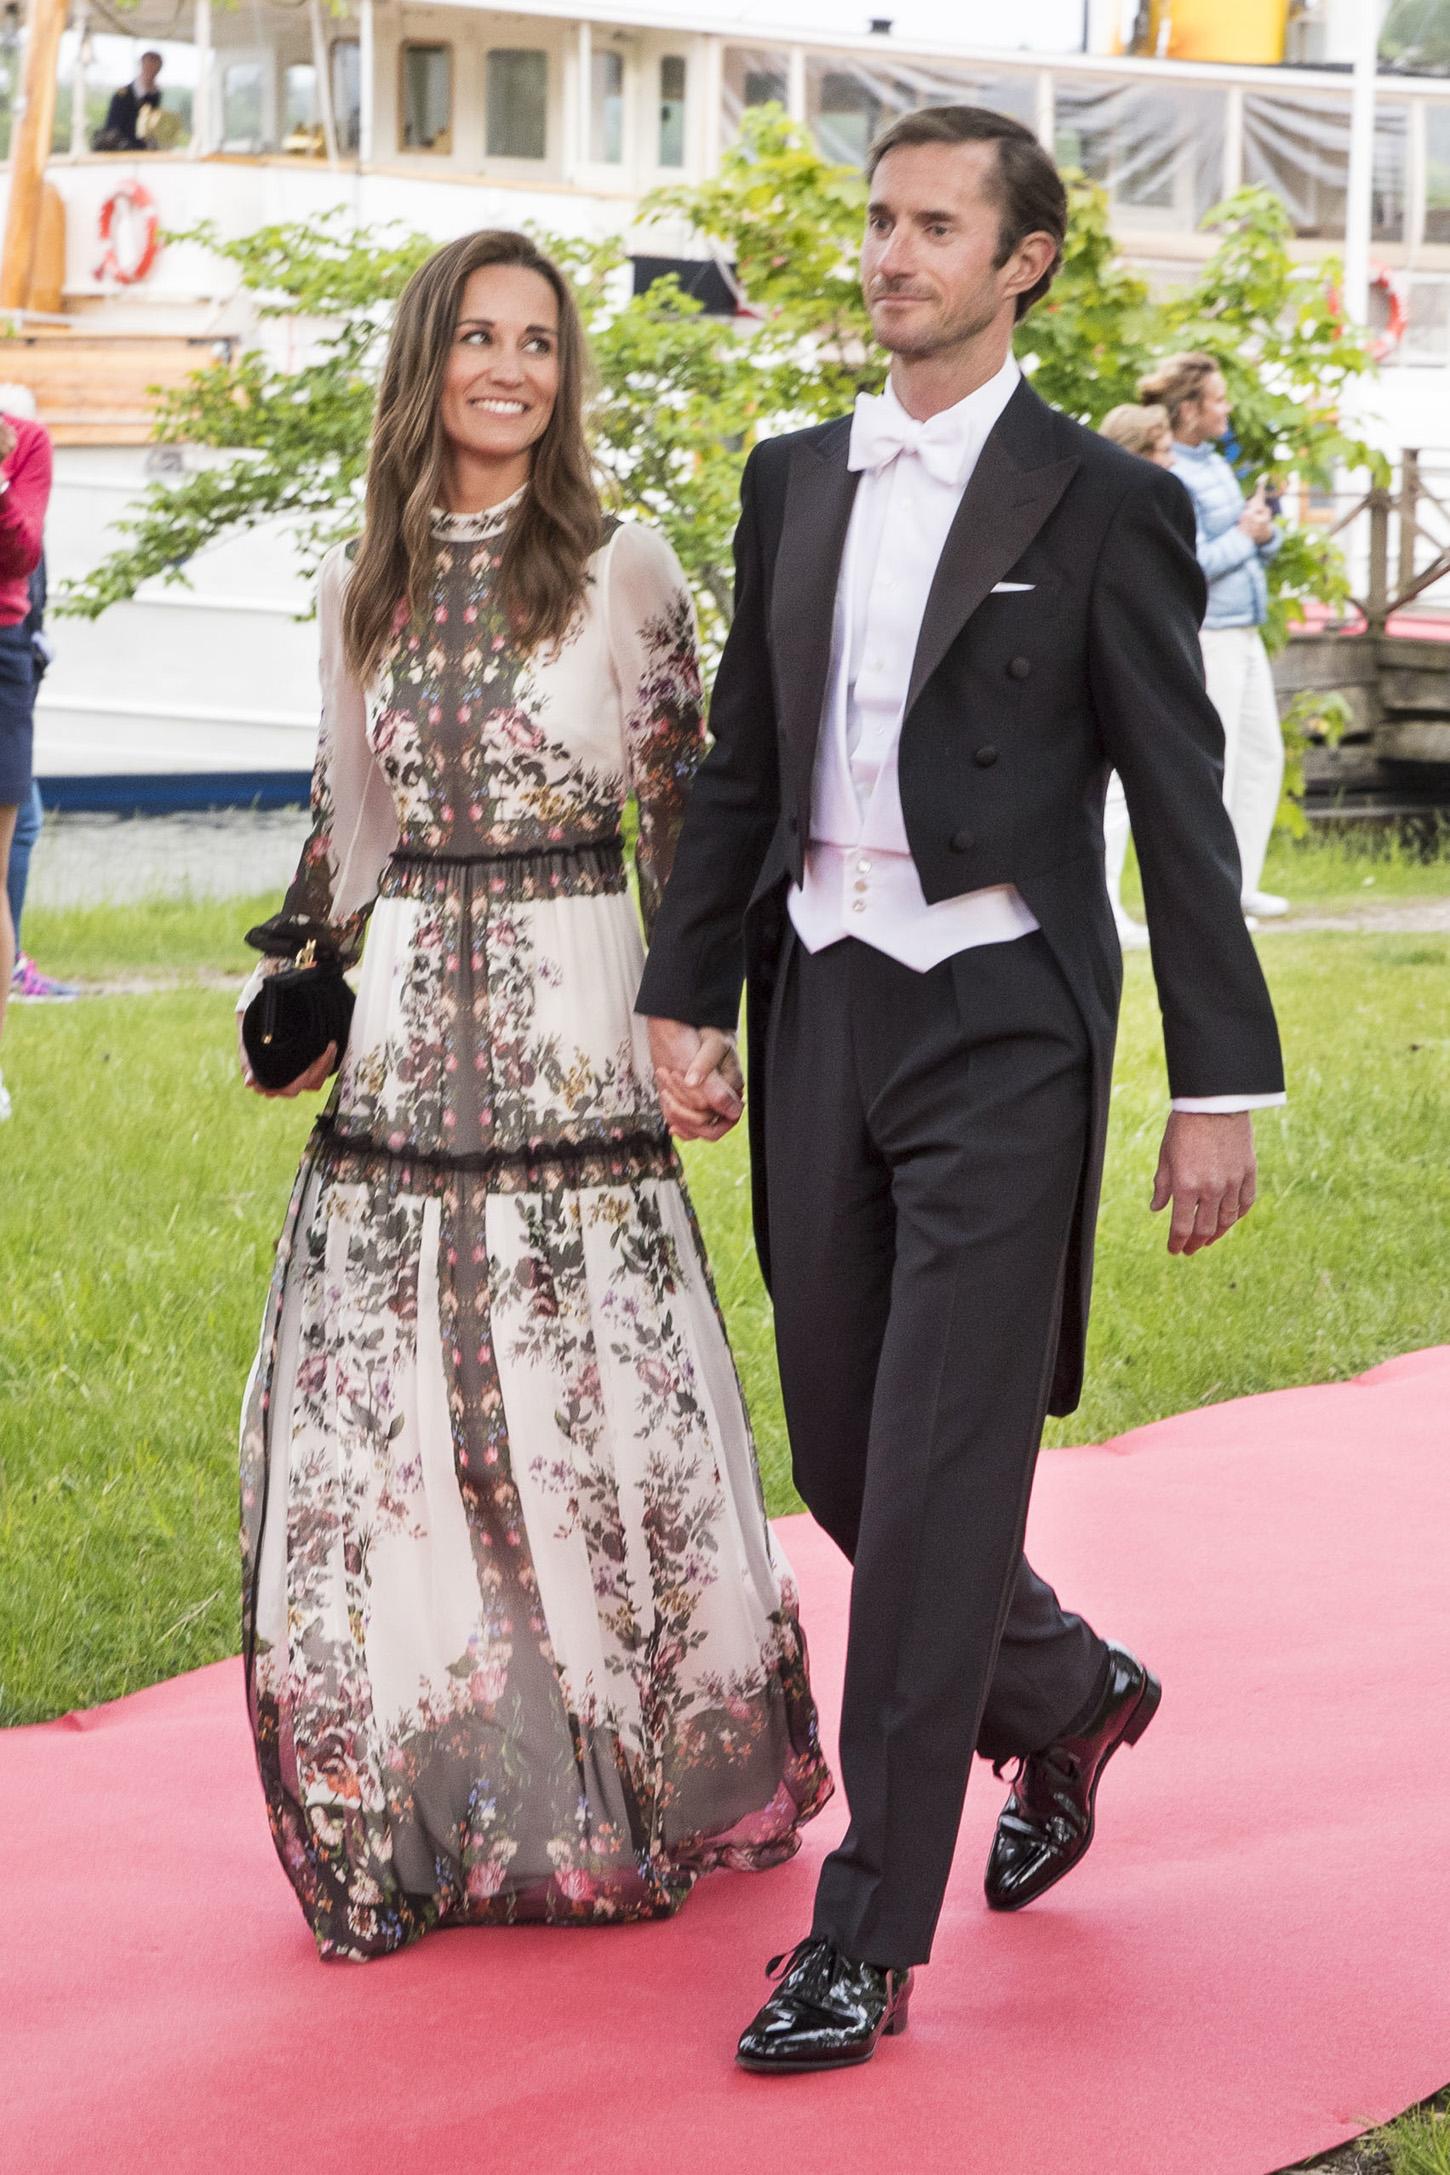 Pippa Middleton i James Matthews na vjenčanju Jönsa Bartholdsona i Anne Ridderstad u Švedskoj, lipanj 2017